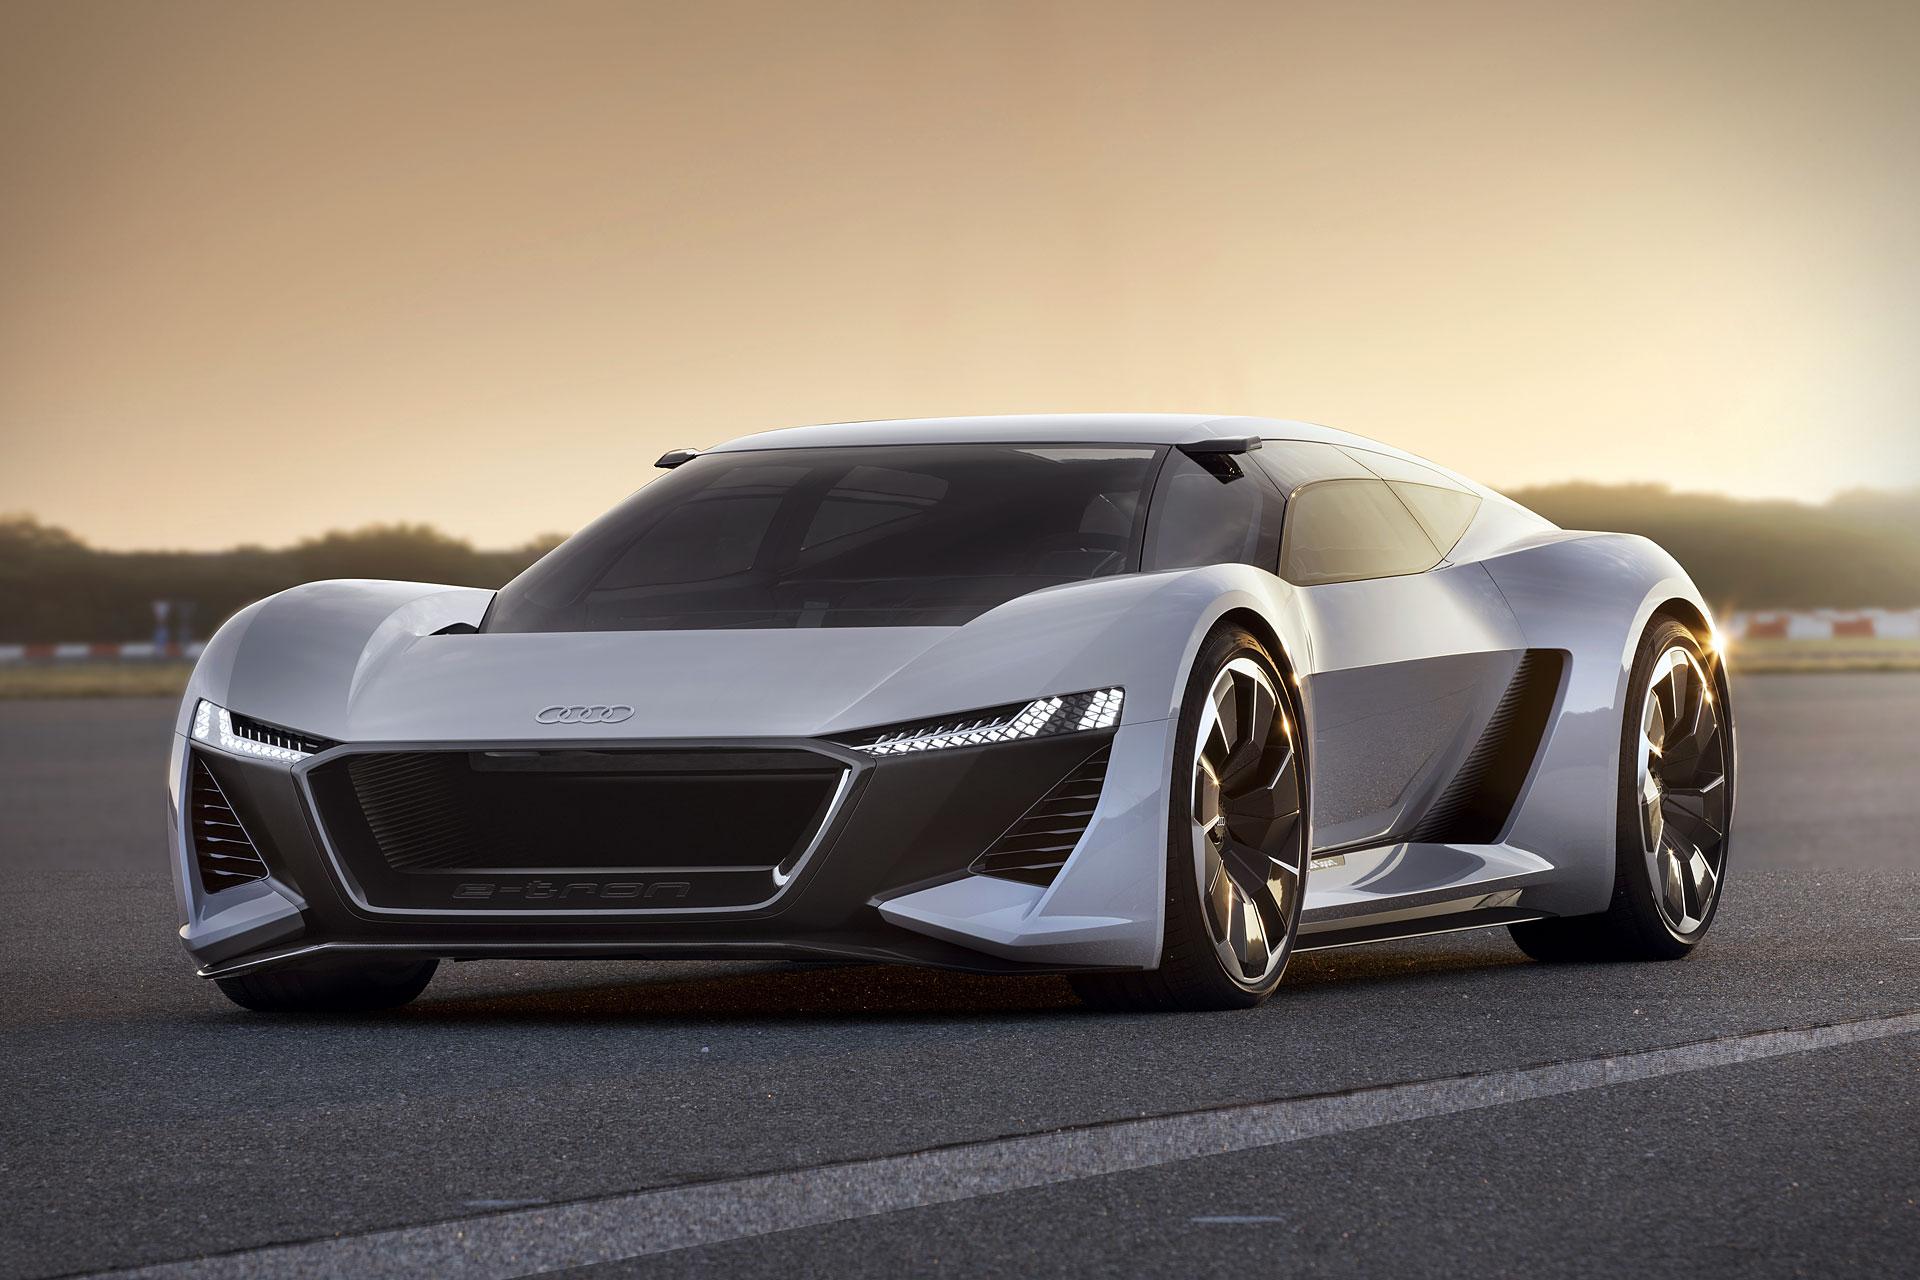 Audi 0 60 >> Audi PB 18 E-tron Concept Car | Uncrate